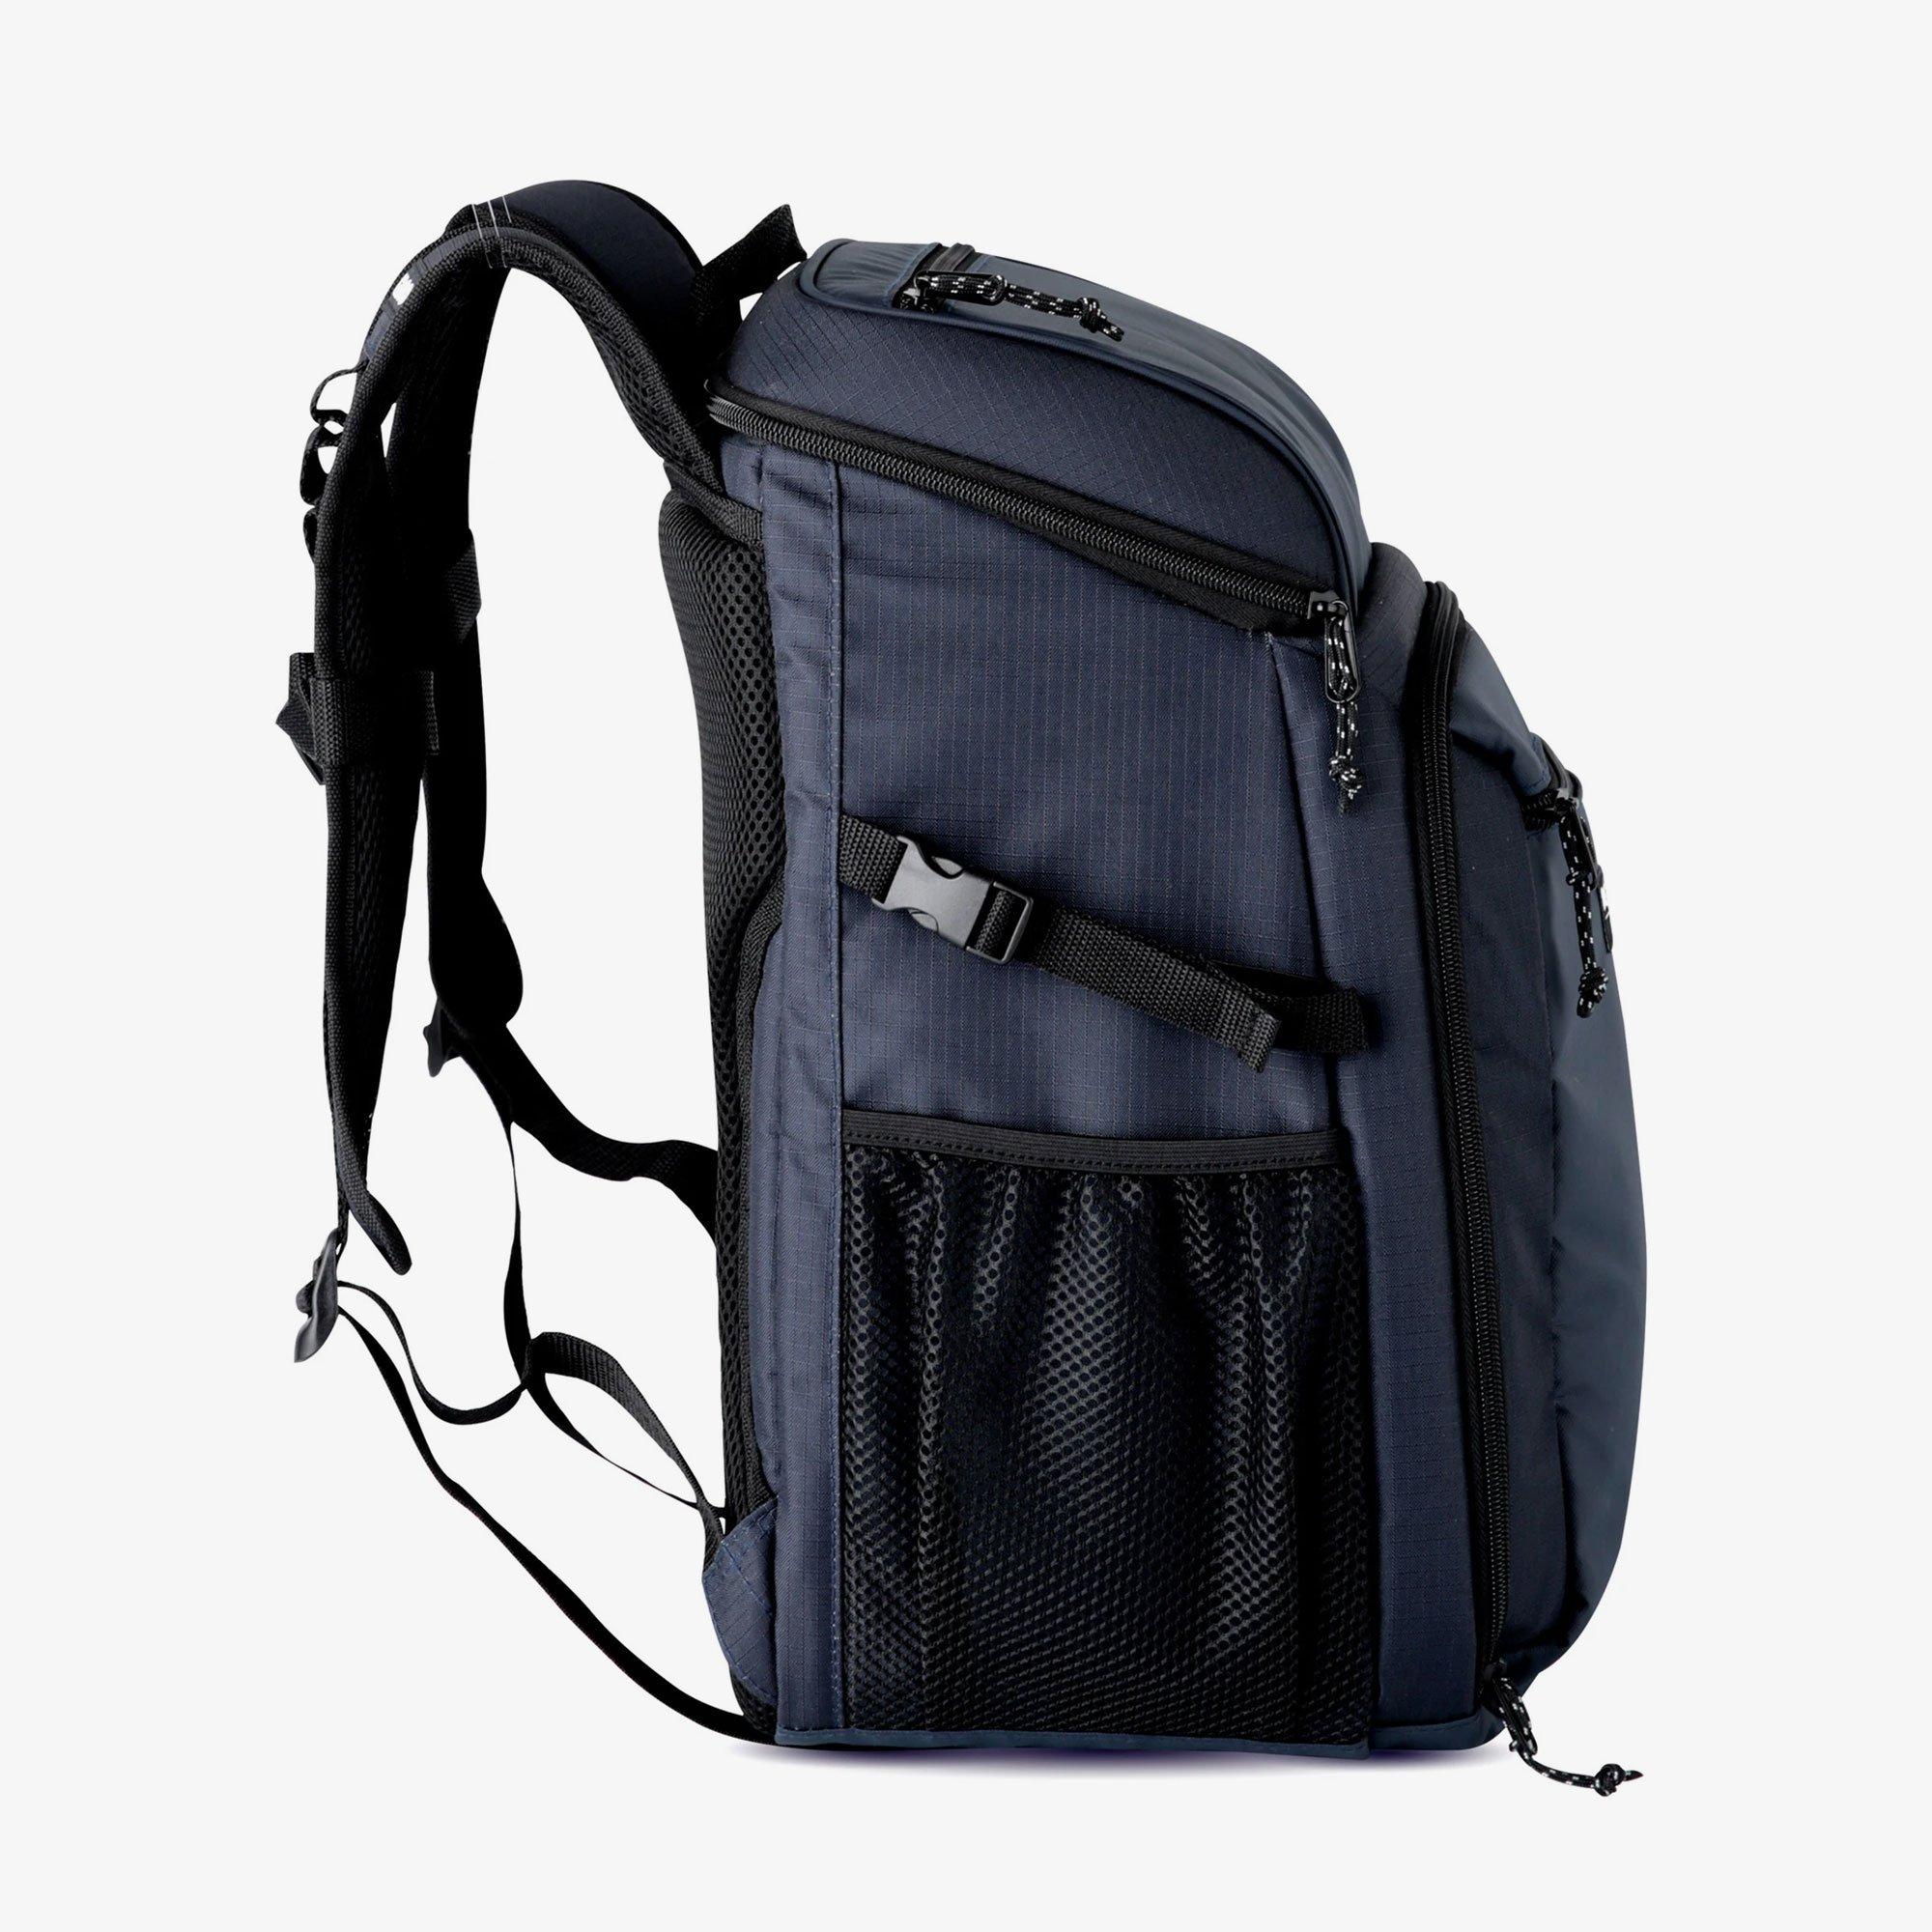 Igloo Gizmo, sac confort, avec deux poches latérales porte bouteille